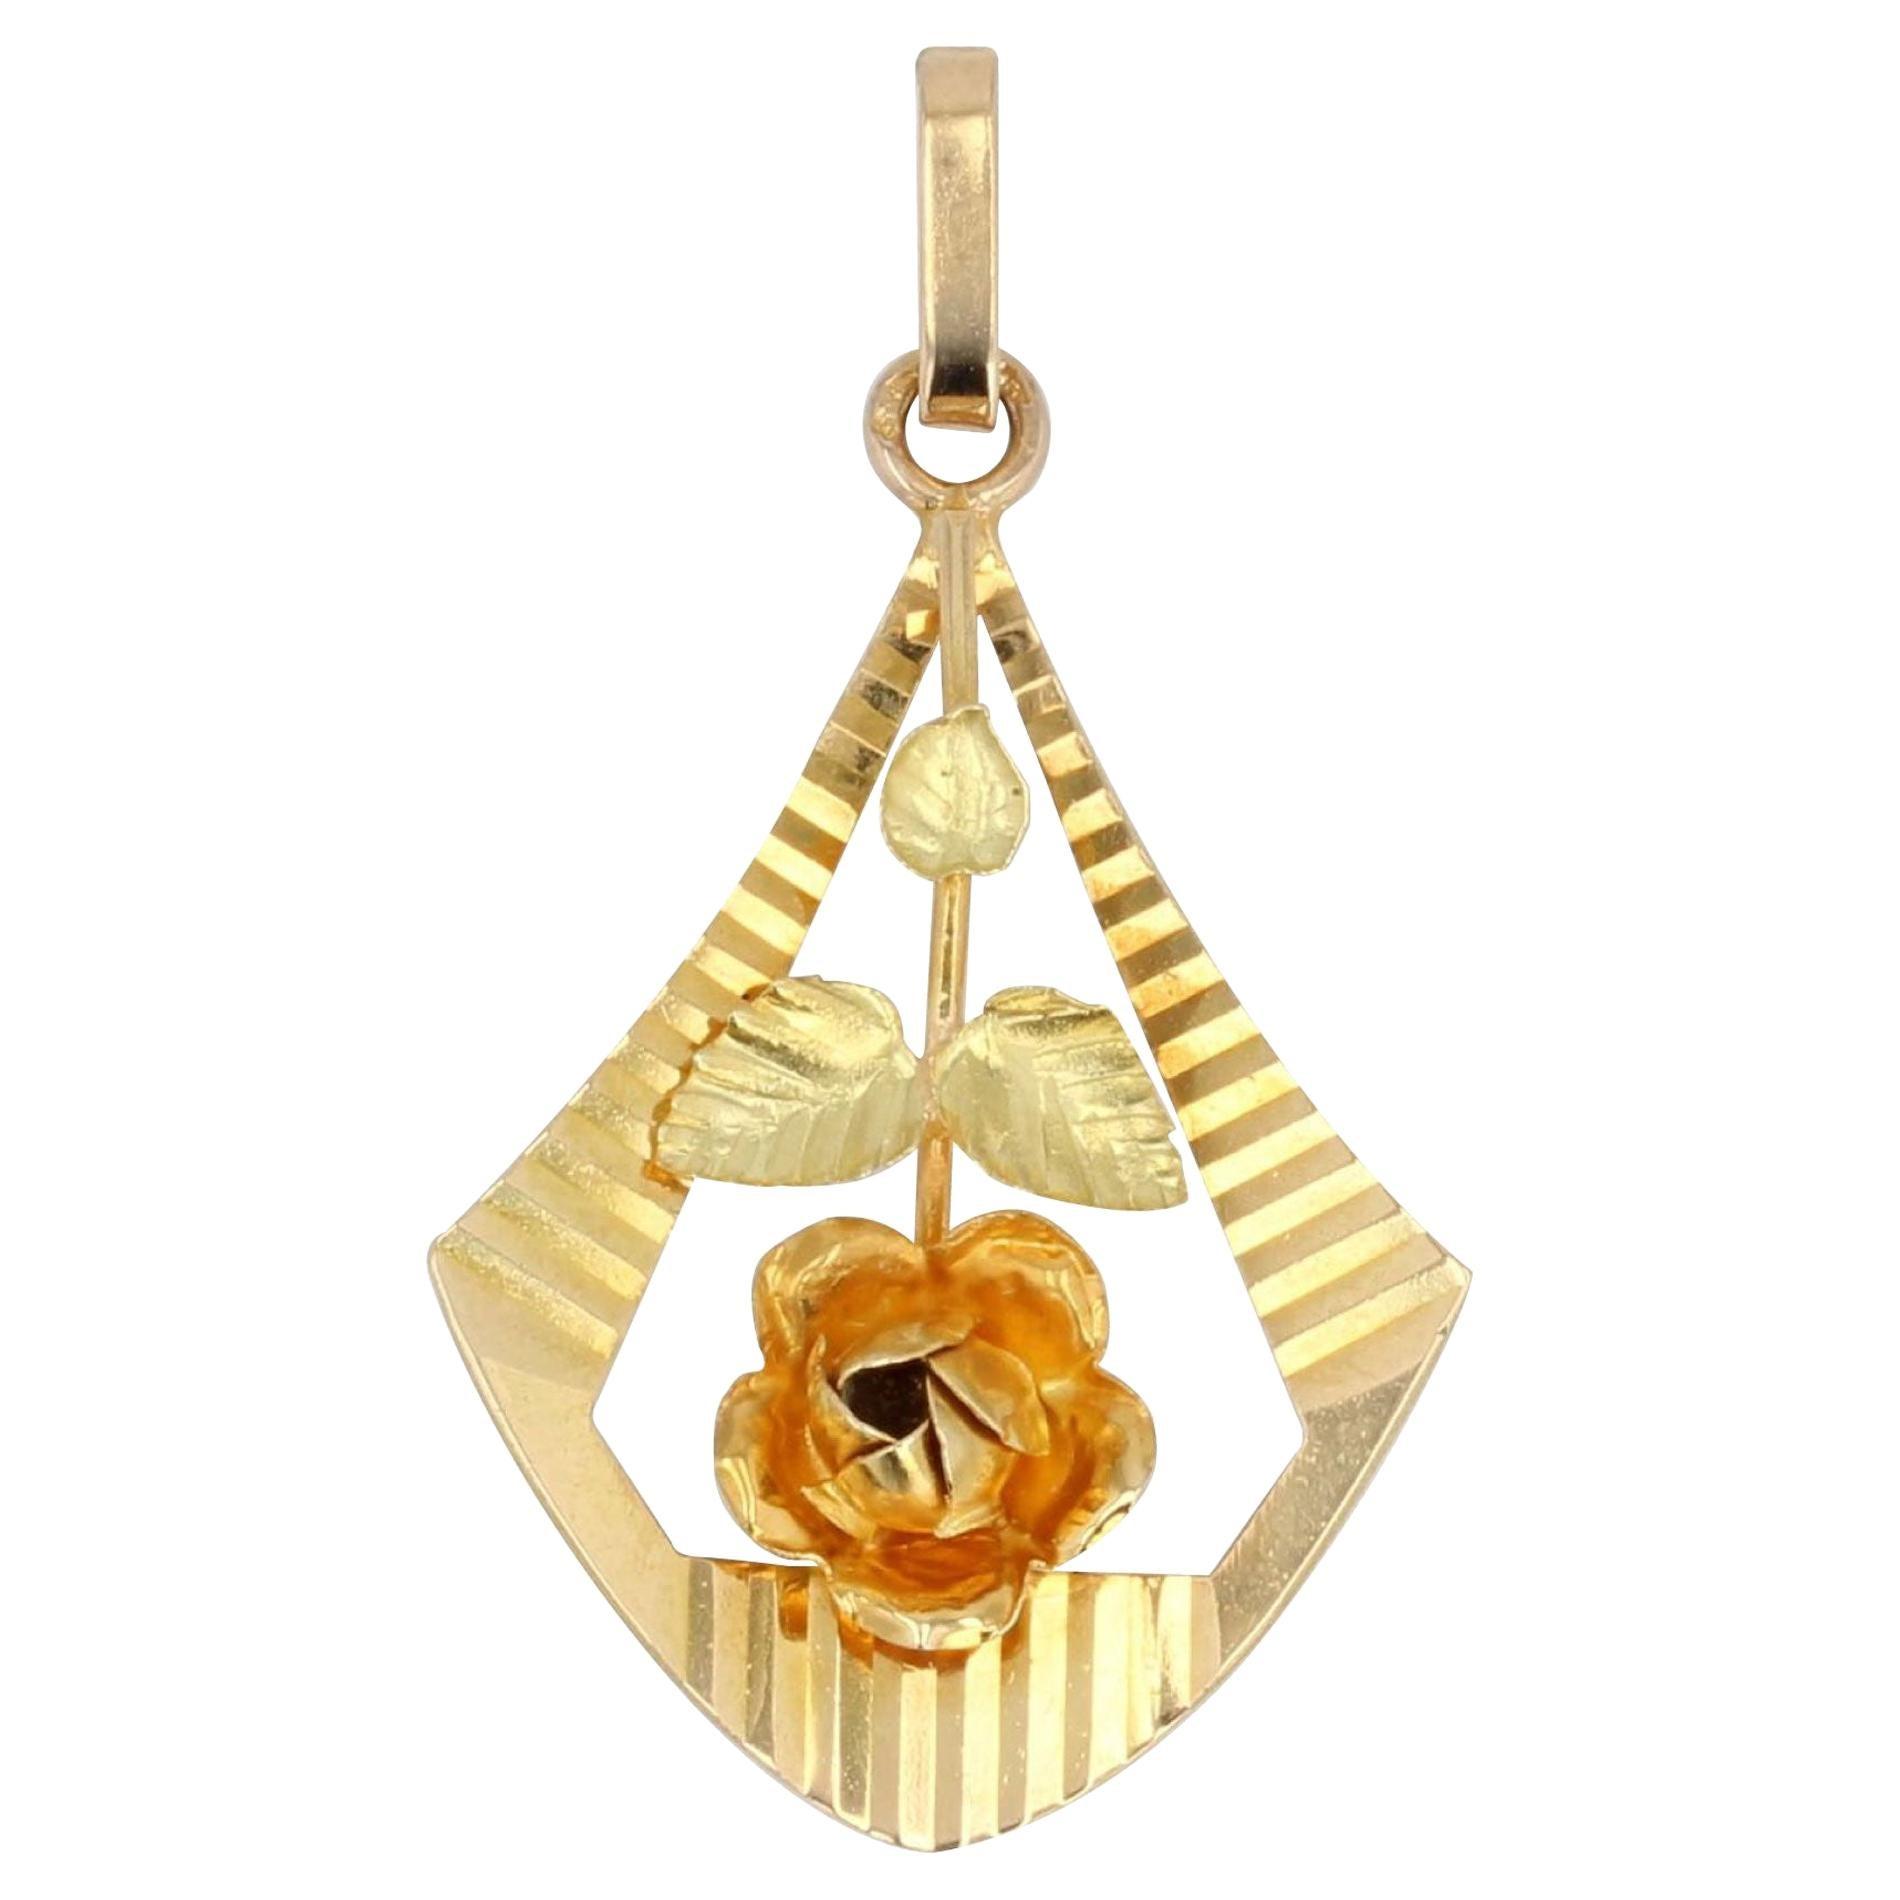 French 1900s 18 Karat Yellow Gold Rose Pendant